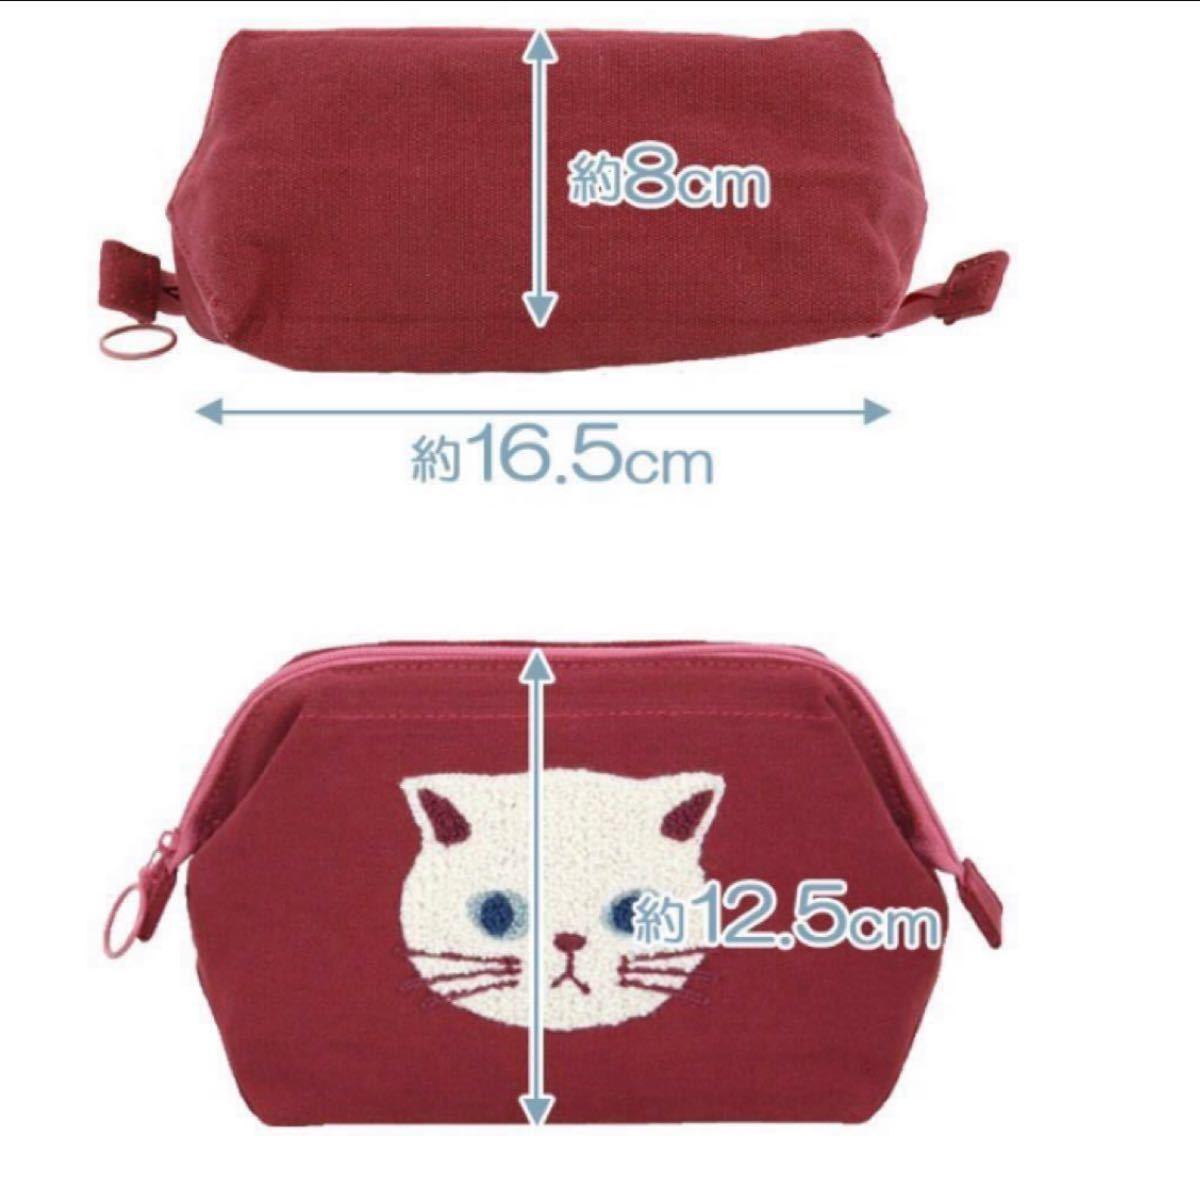 がま口ポーチ 化粧ポーチ 口 ファミネコ ねこ ネコ 猫柄 猫雑貨 猫グッズ  新品 ポーチ